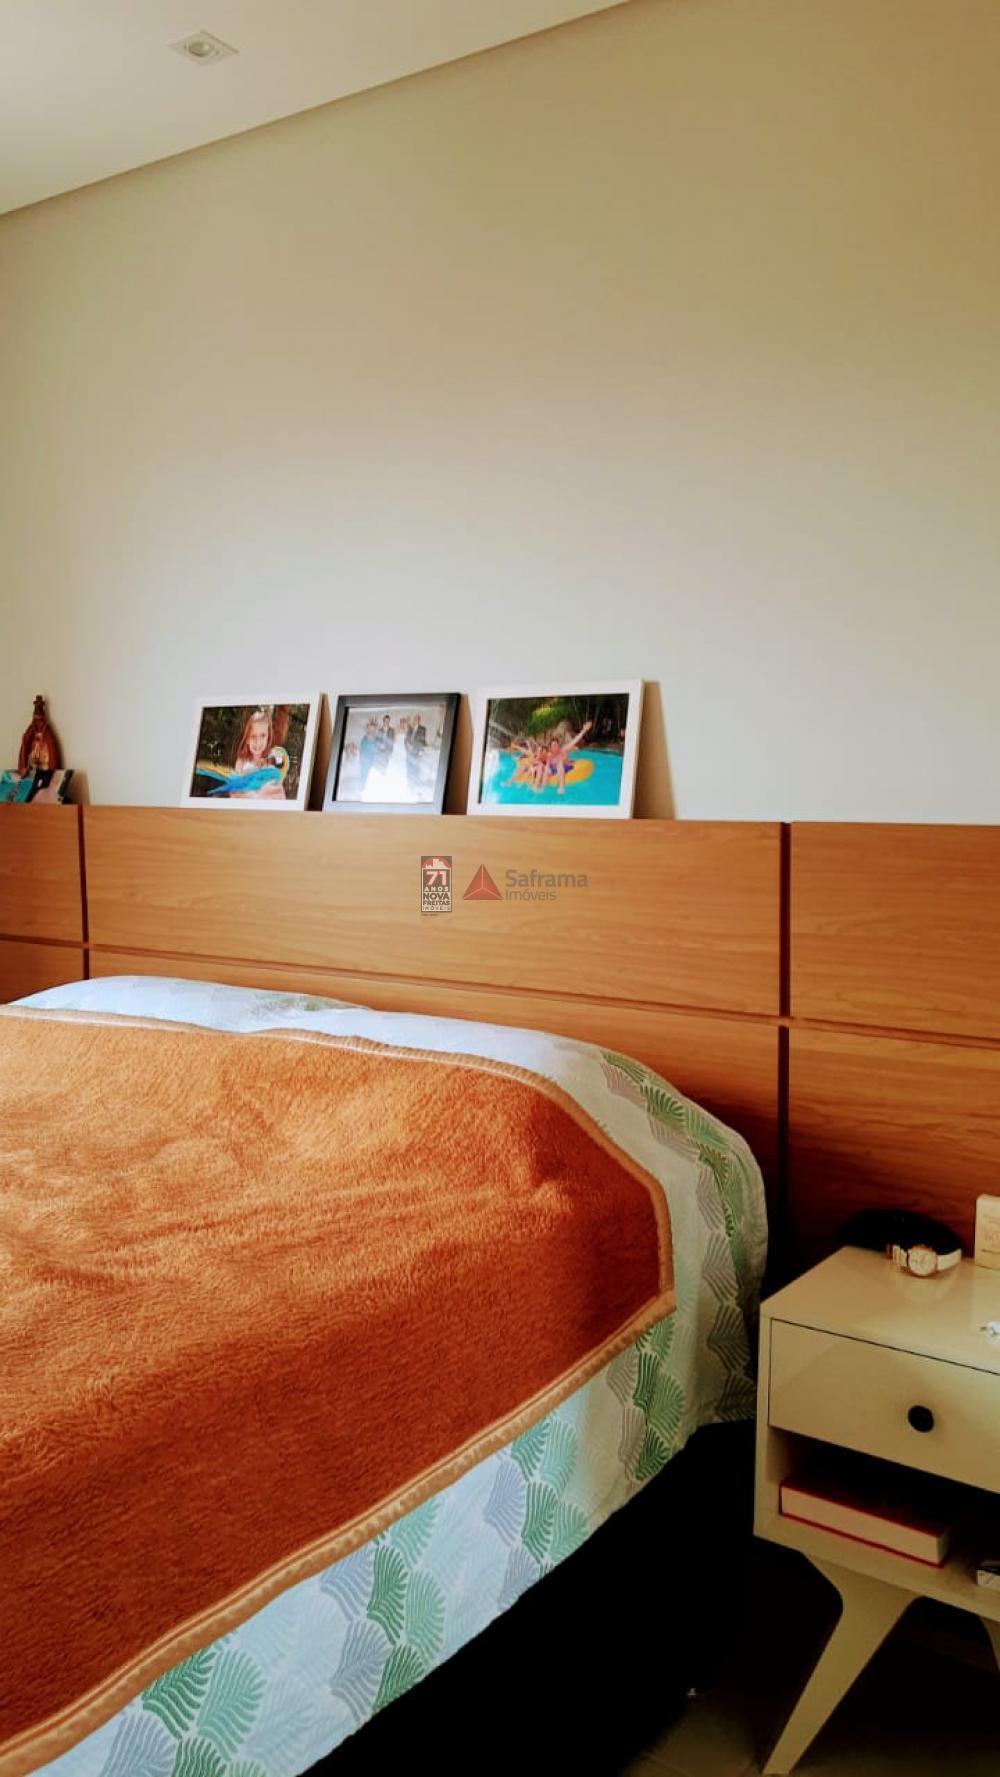 Comprar Apartamento / Padrão em Caraguatatuba apenas R$ 310.000,00 - Foto 9